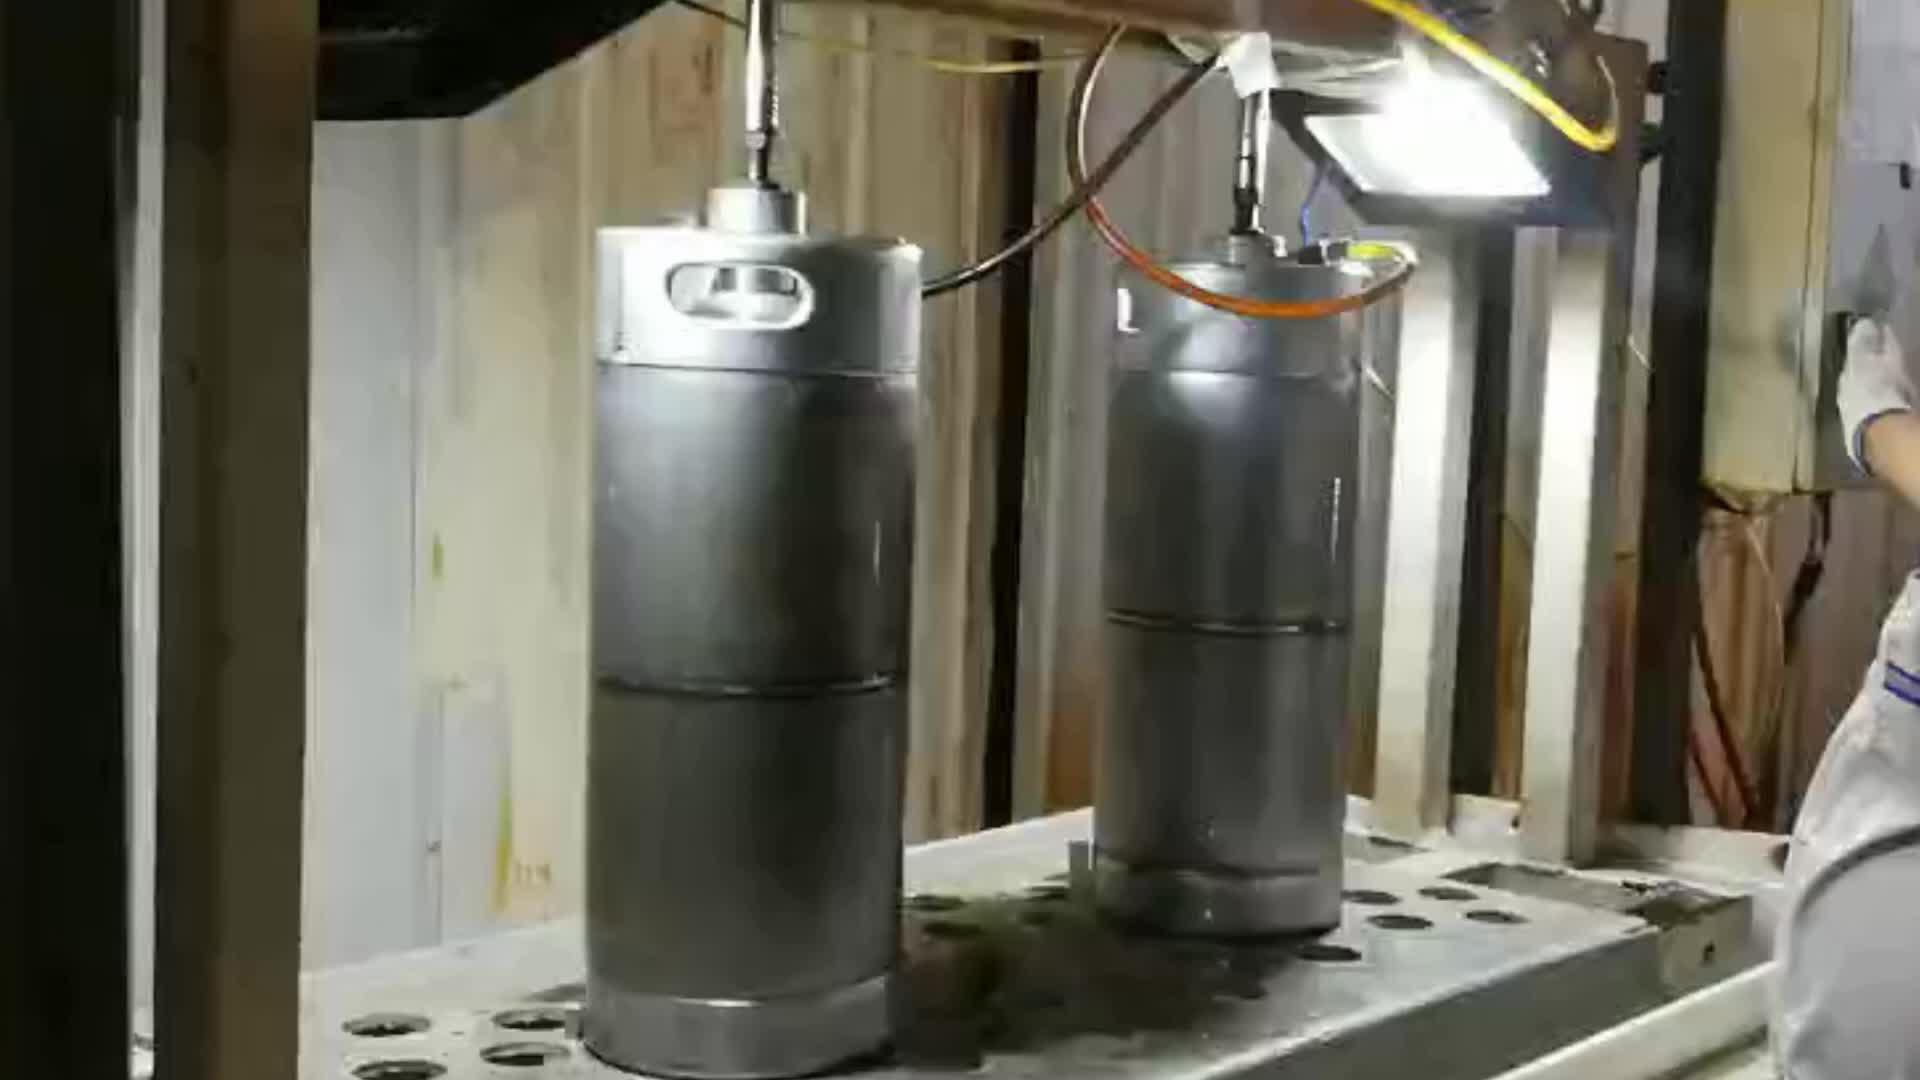 Endüstriyel bira fıçısı konteyner bize standart paslanmaz çelik bira fıçısı 1/4 30 Litre